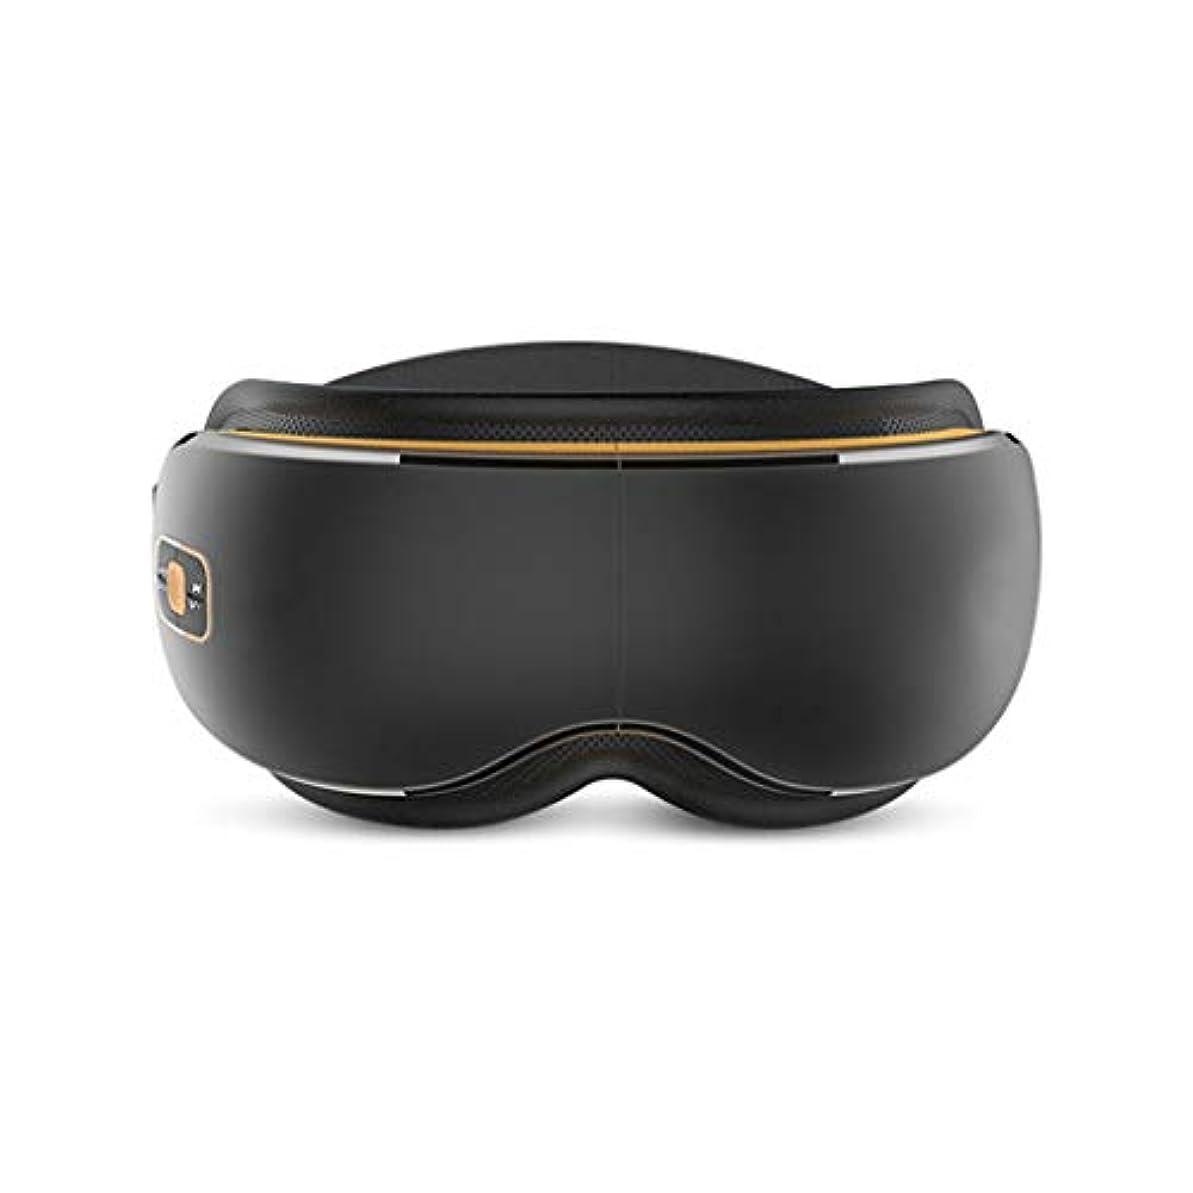 ポイント発音弾丸電気アイマッサージャー振動マッサージ暖房/ラップ/音楽/空気圧縮4つのモードで目をリラックスさせて暗い円を減らし、睡眠を改善するためのヘッドプレッシャーを緩和